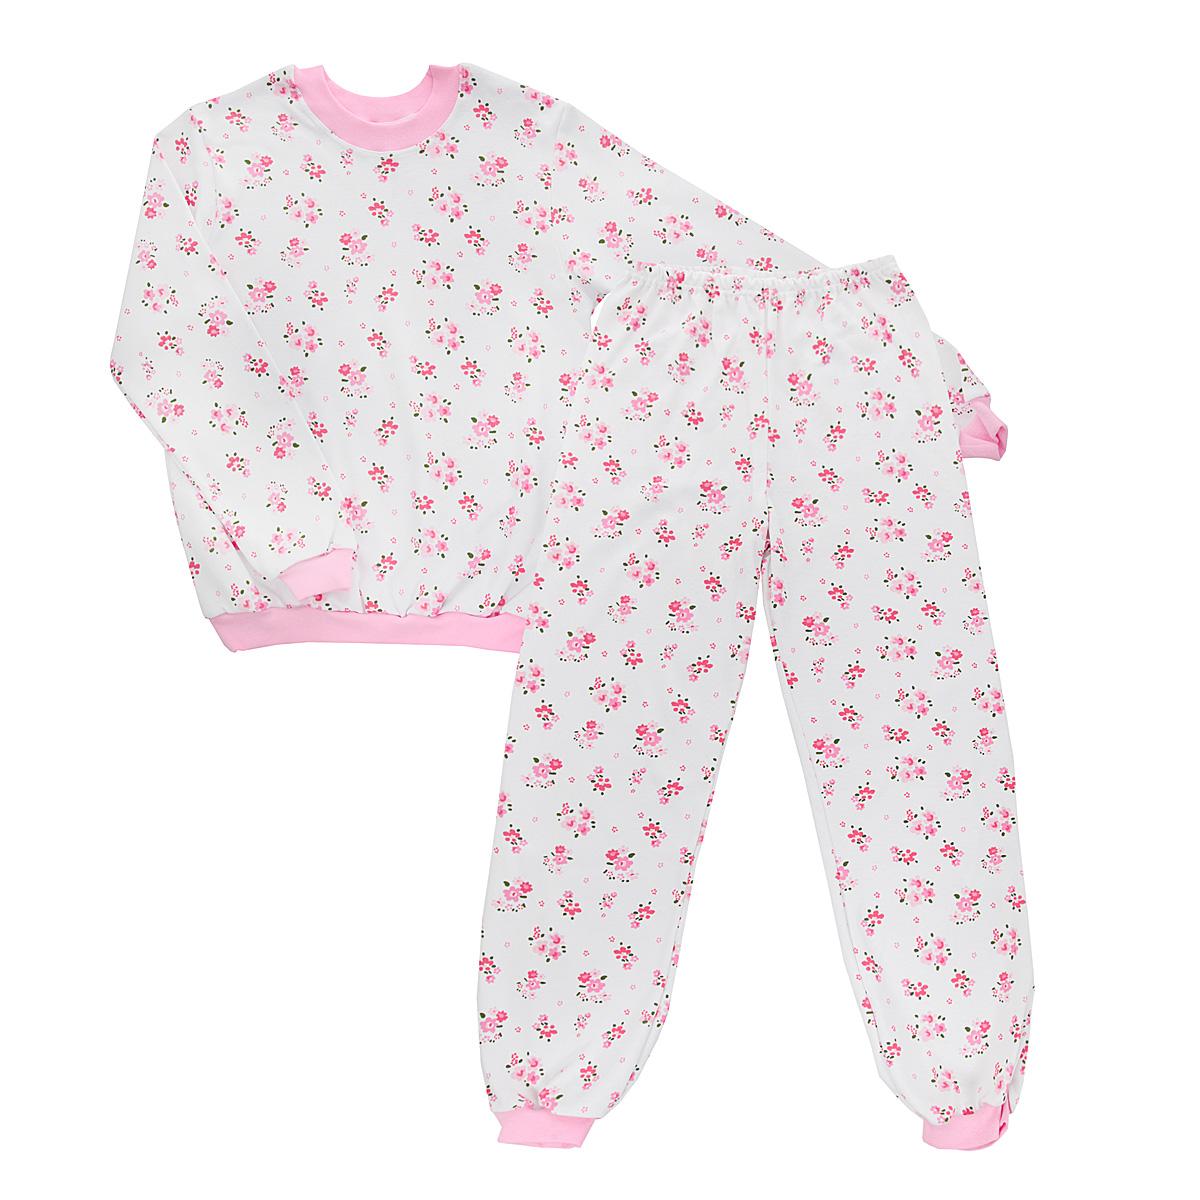 Пижама для девочки Трон-плюс, цвет: белый, розовый. 5555_цветы. Размер 80/86, 1-2 года5555_цветыУютная пижама для девочки Трон-плюс, состоящая из джемпера и брюк, идеально подойдет вашему ребенку и станет отличным дополнением к детскому гардеробу. Изготовленная из натурального хлопка, она необычайно мягкая и легкая, не сковывает движения, позволяет коже дышать и не раздражает даже самую нежную и чувствительную кожу ребенка. Джемпер с длинными рукавами имеет круглый вырез горловины. Низ изделия, рукава и вырез горловины дополнены широкой трикотажной резинкой контрастного цвета.Брюки на талии имеют эластичную резинку, благодаря чему не сдавливают живот ребенка и не сползают. Низ брючин дополнен широкими эластичными манжетами контрастного цвета.Оформлено изделие ненавязчивым цветочным принтом. В такой пижаме ваша дочурка будет чувствовать себя комфортно и уютно во время сна.